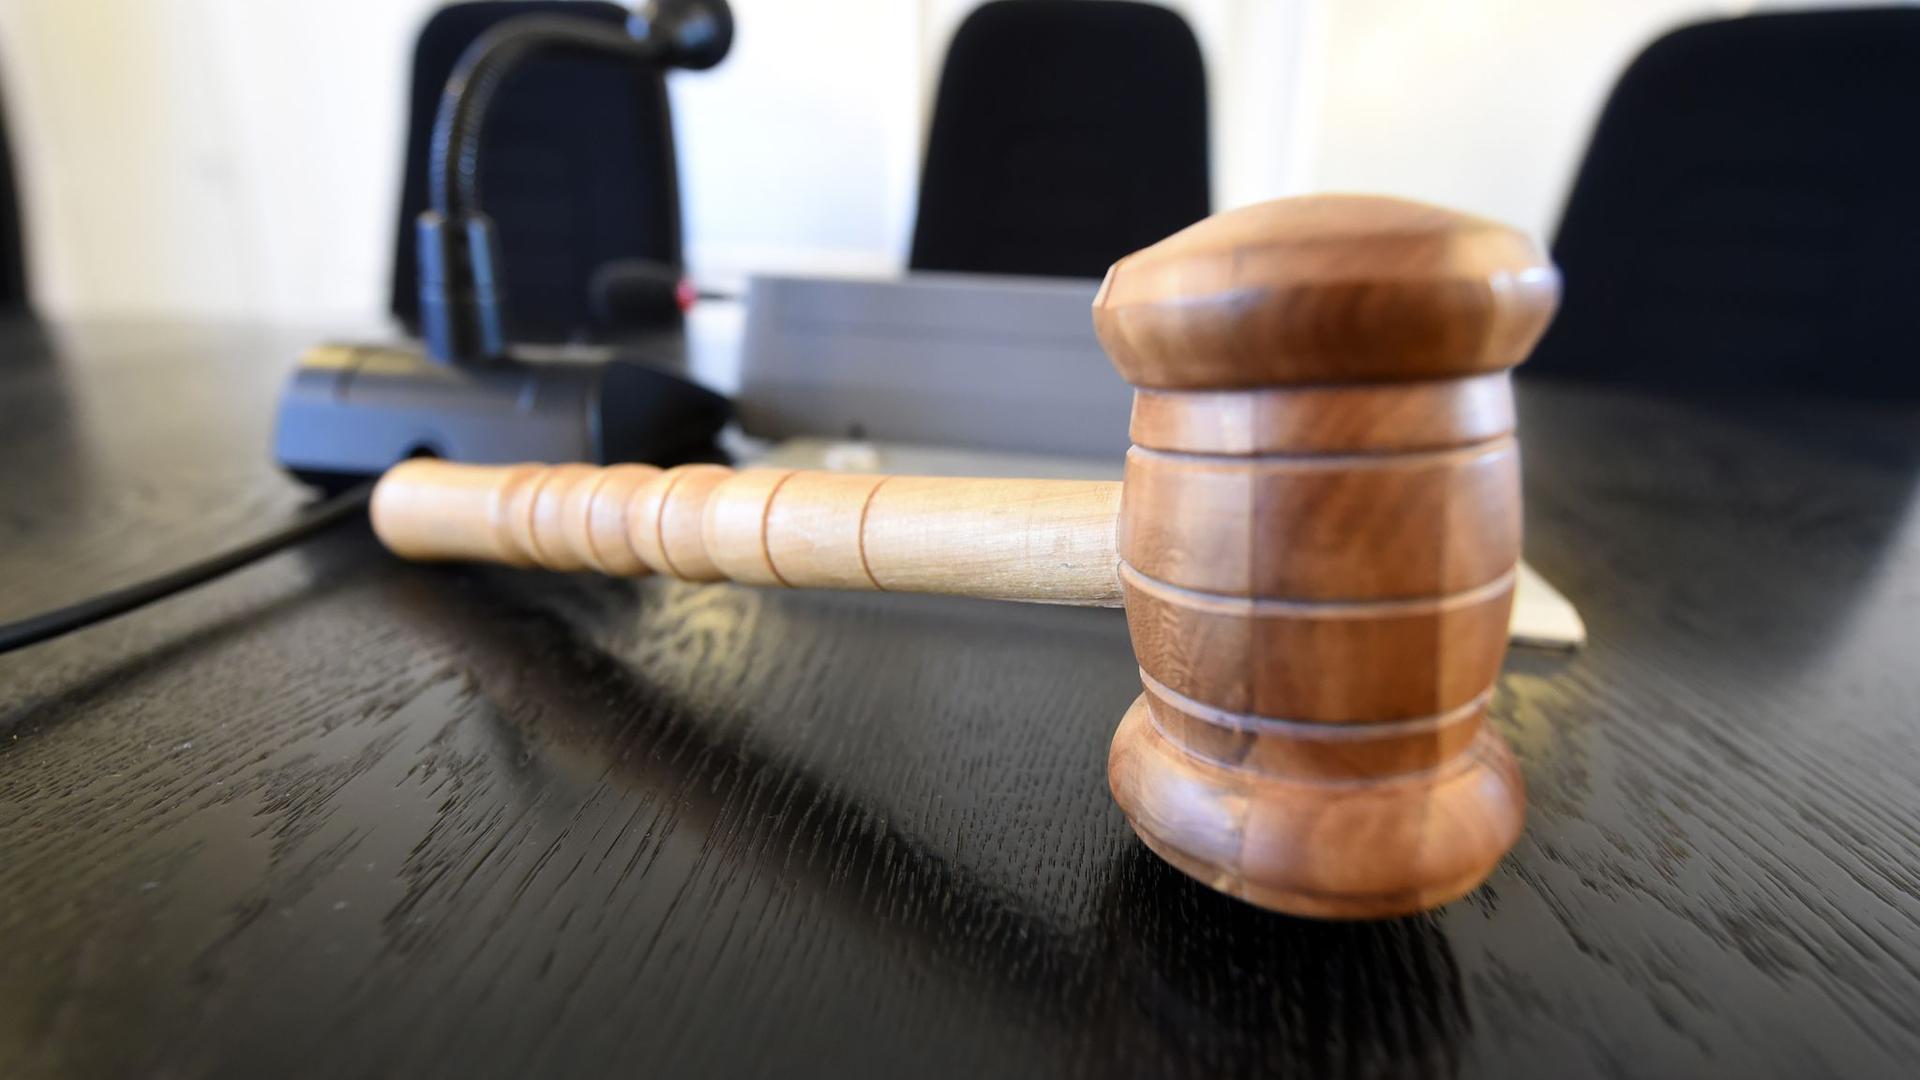 Auf der Richterbank liegt ein Richterhammer aus Holz.